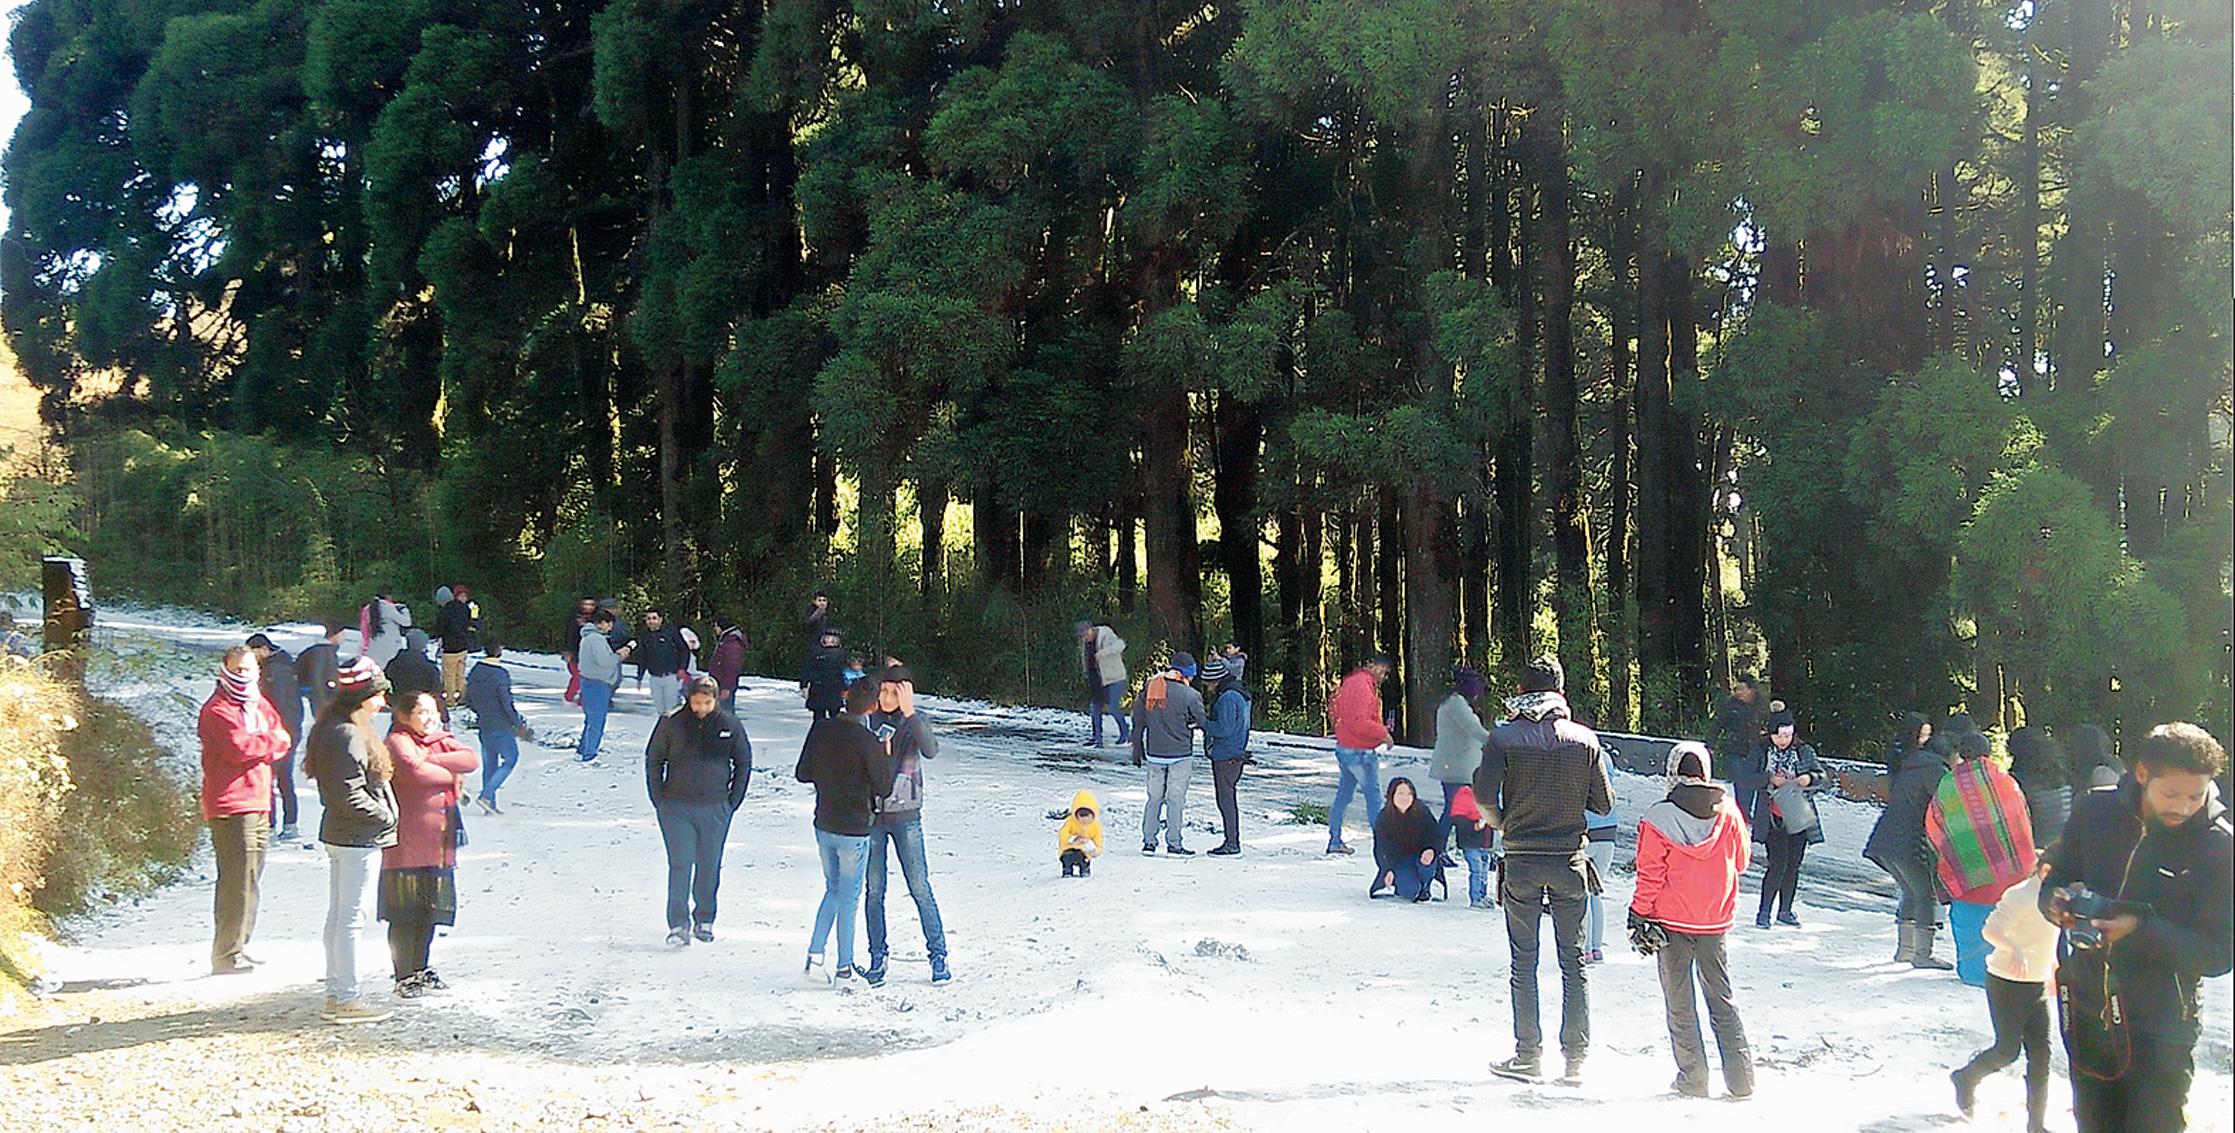 Snow lifts the mood at Tiger Hill near Darjeeling on Saturday.